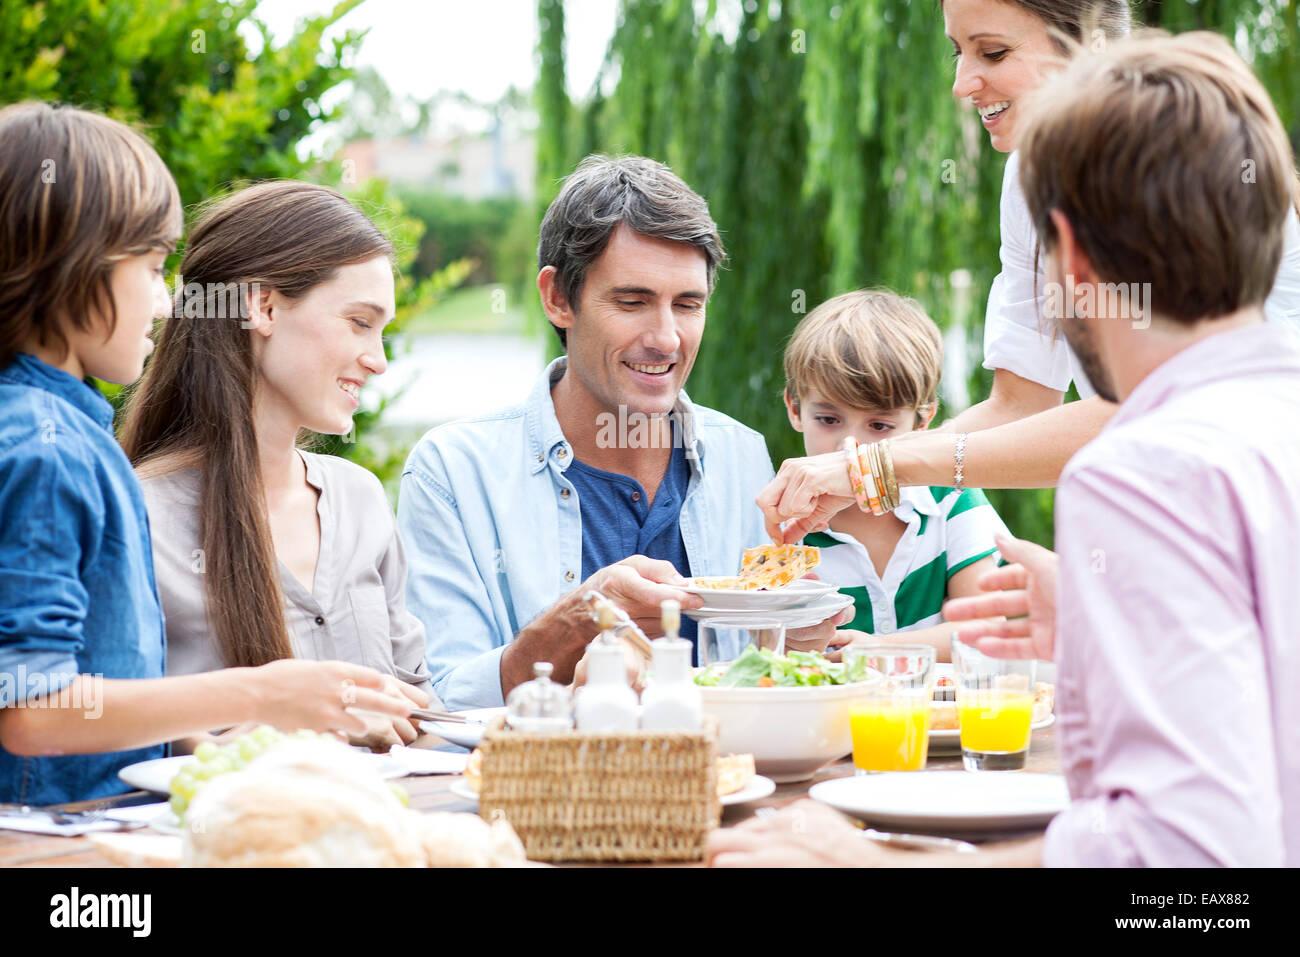 Familia comiendo juntos en la reunión al aire libre Imagen De Stock